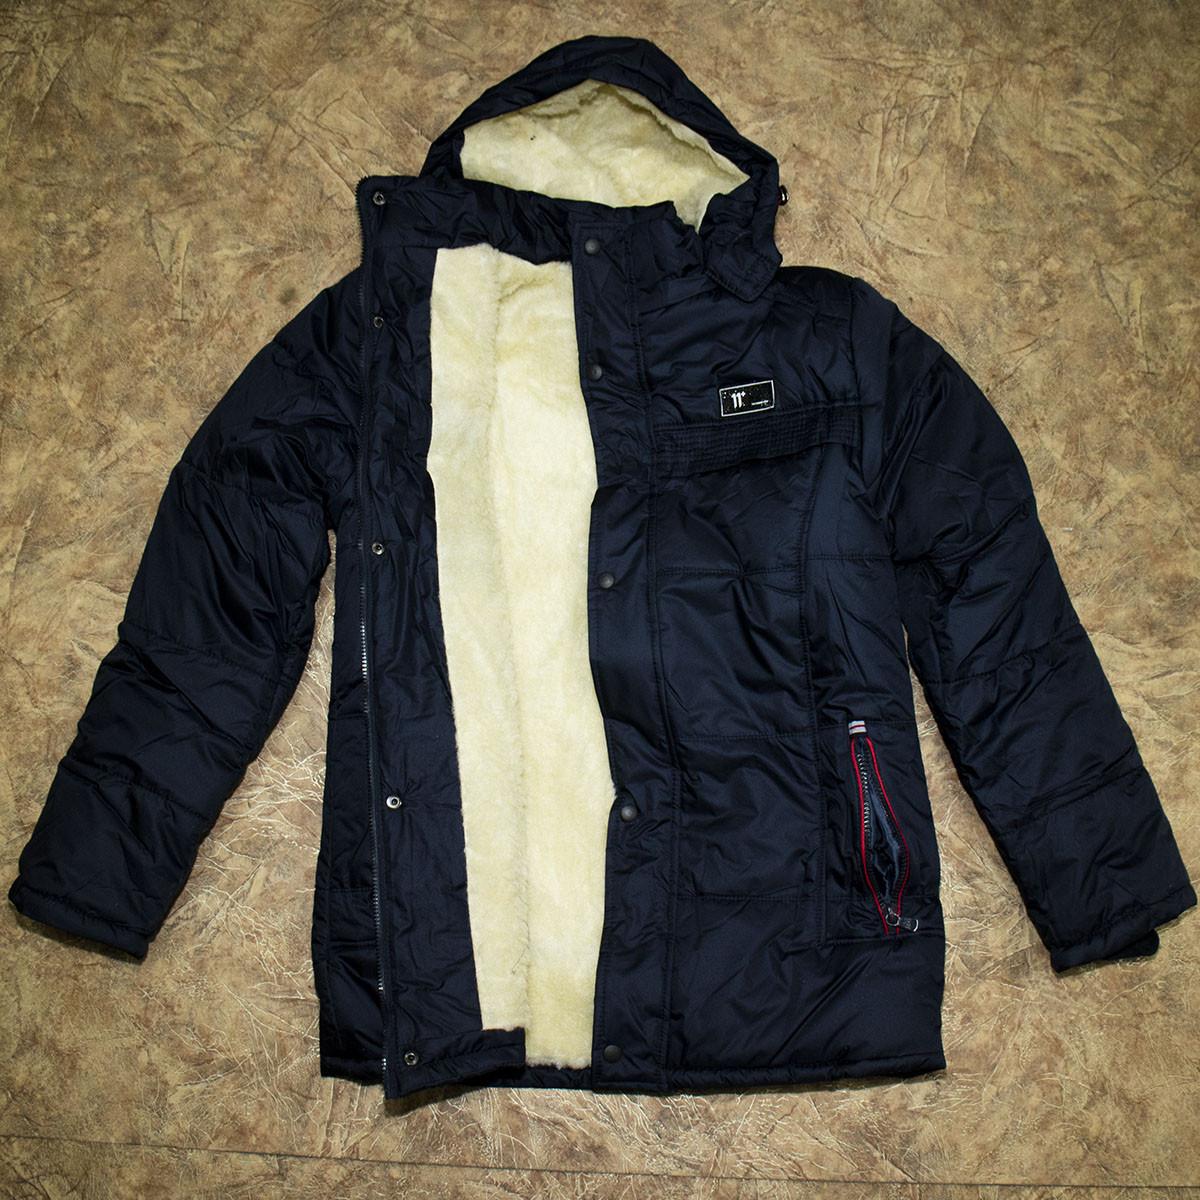 405d9d86af78c Зимние мужские куртки на овчине фабричный пошив пр-во Украина K1701, цена  536 грн., купить в Одессе — Prom.ua (ID#839152890)